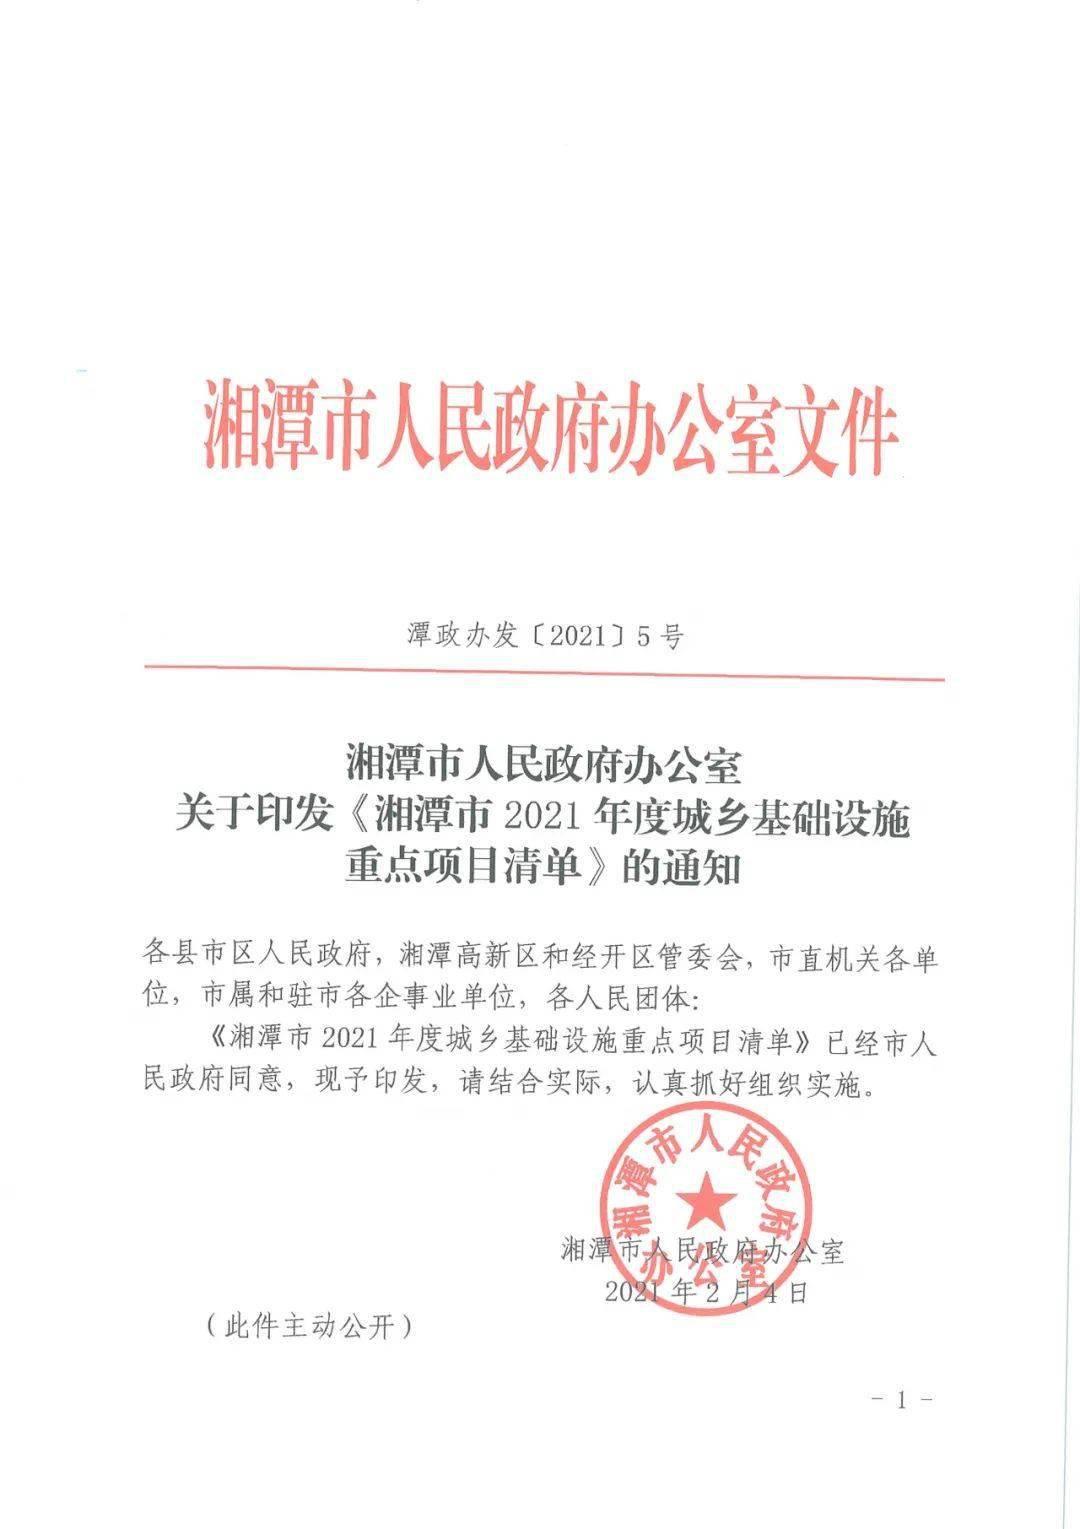 2021年,湘潭市规划了182个重点城乡基础设施项目